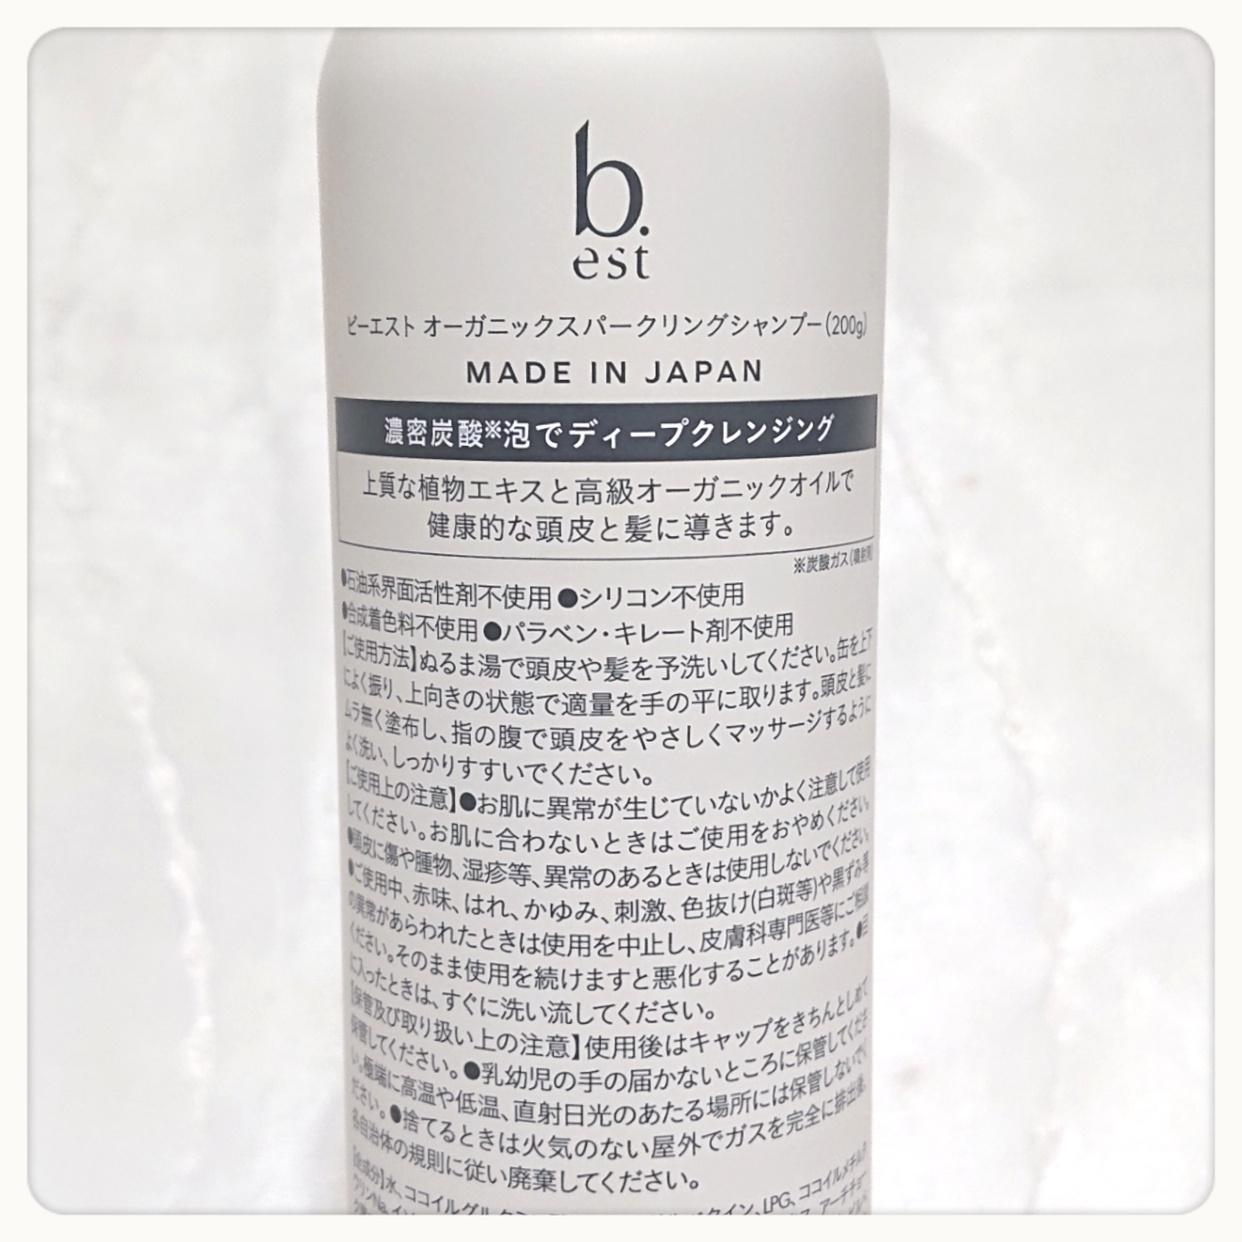 b.est(ビーエスト) organic sparkling shampooを使ったnakoさんのクチコミ画像2